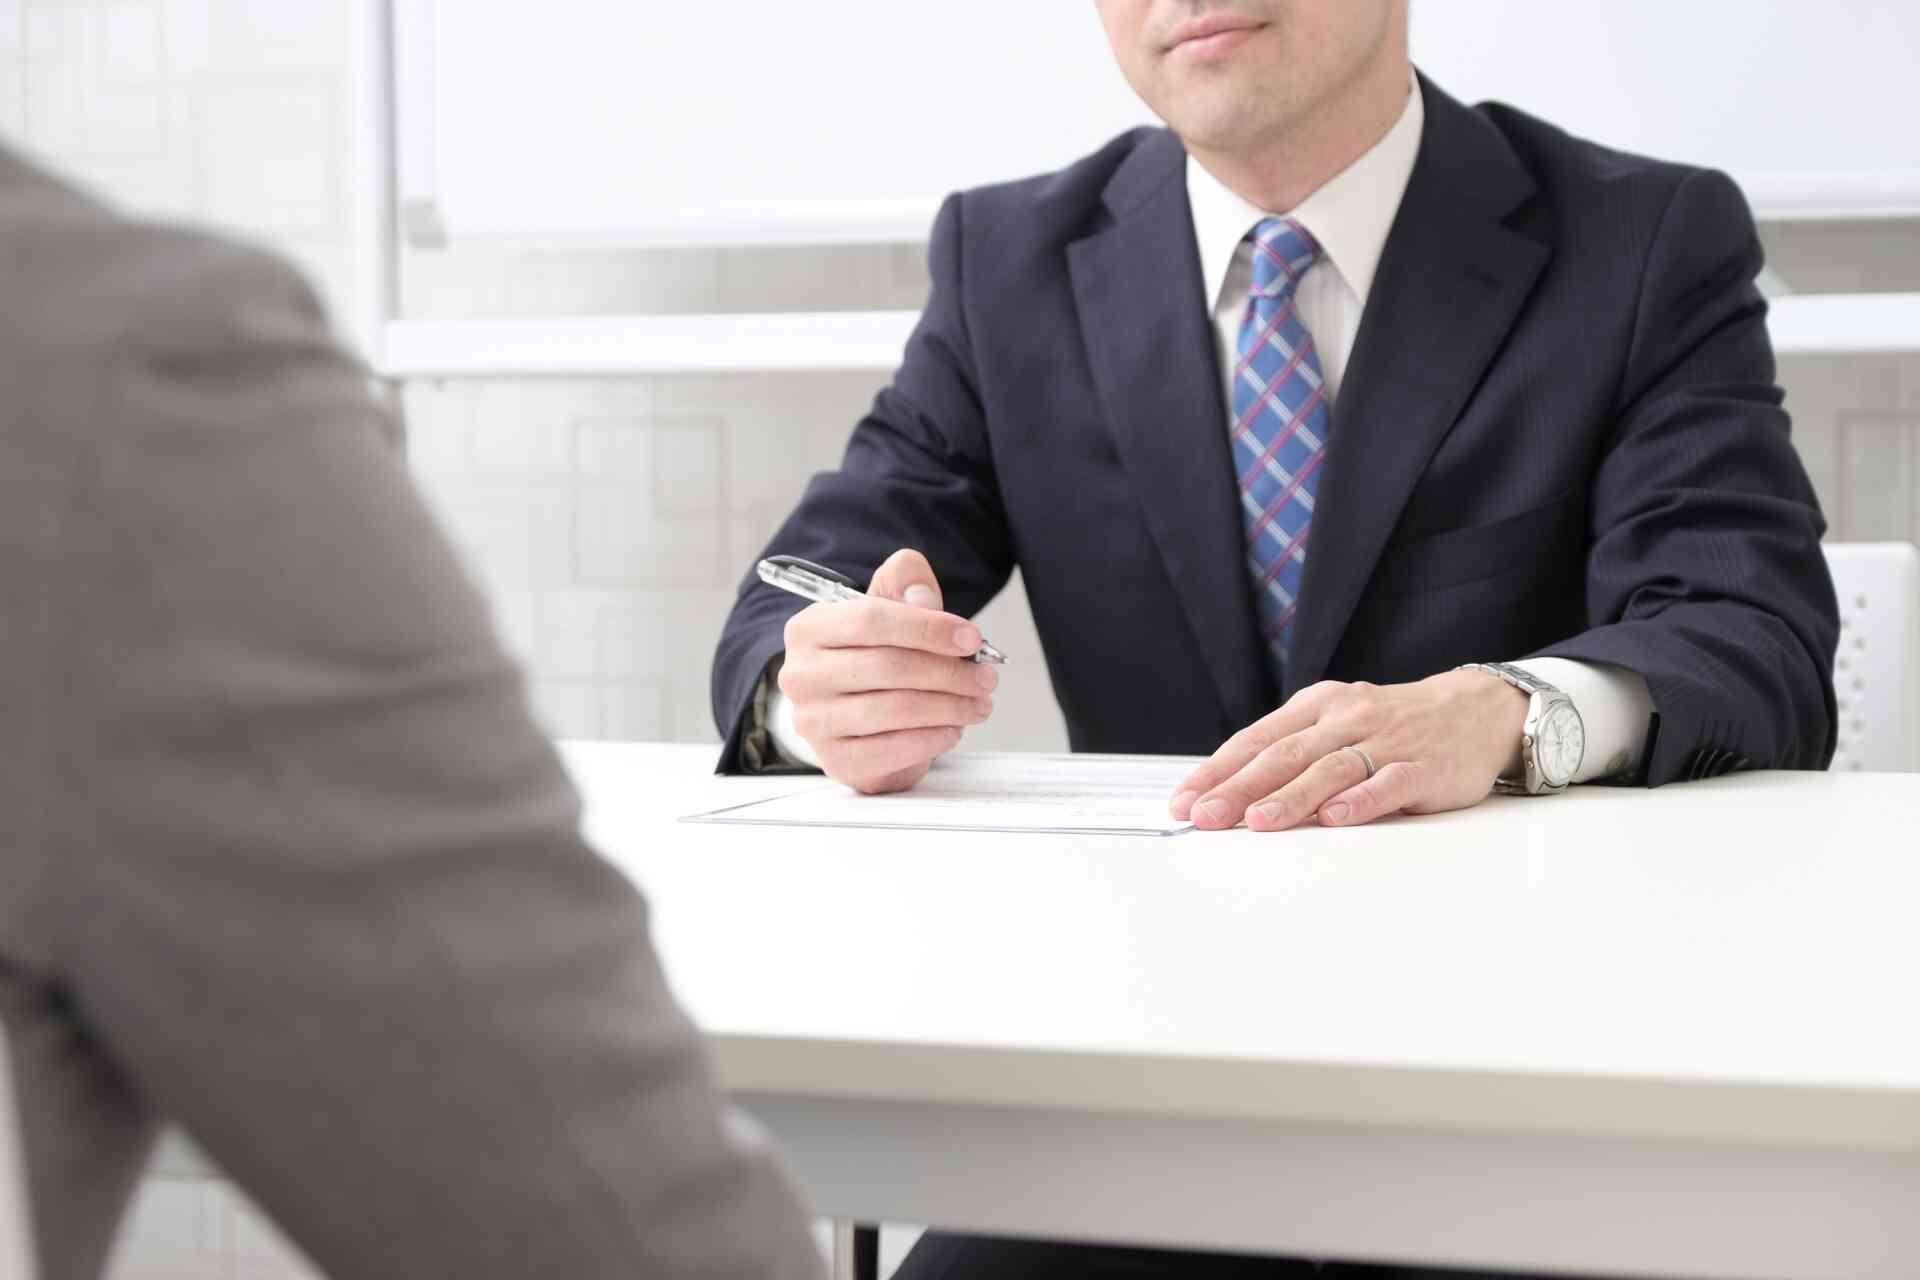 大学中退をして履歴書に不安があるときは…?